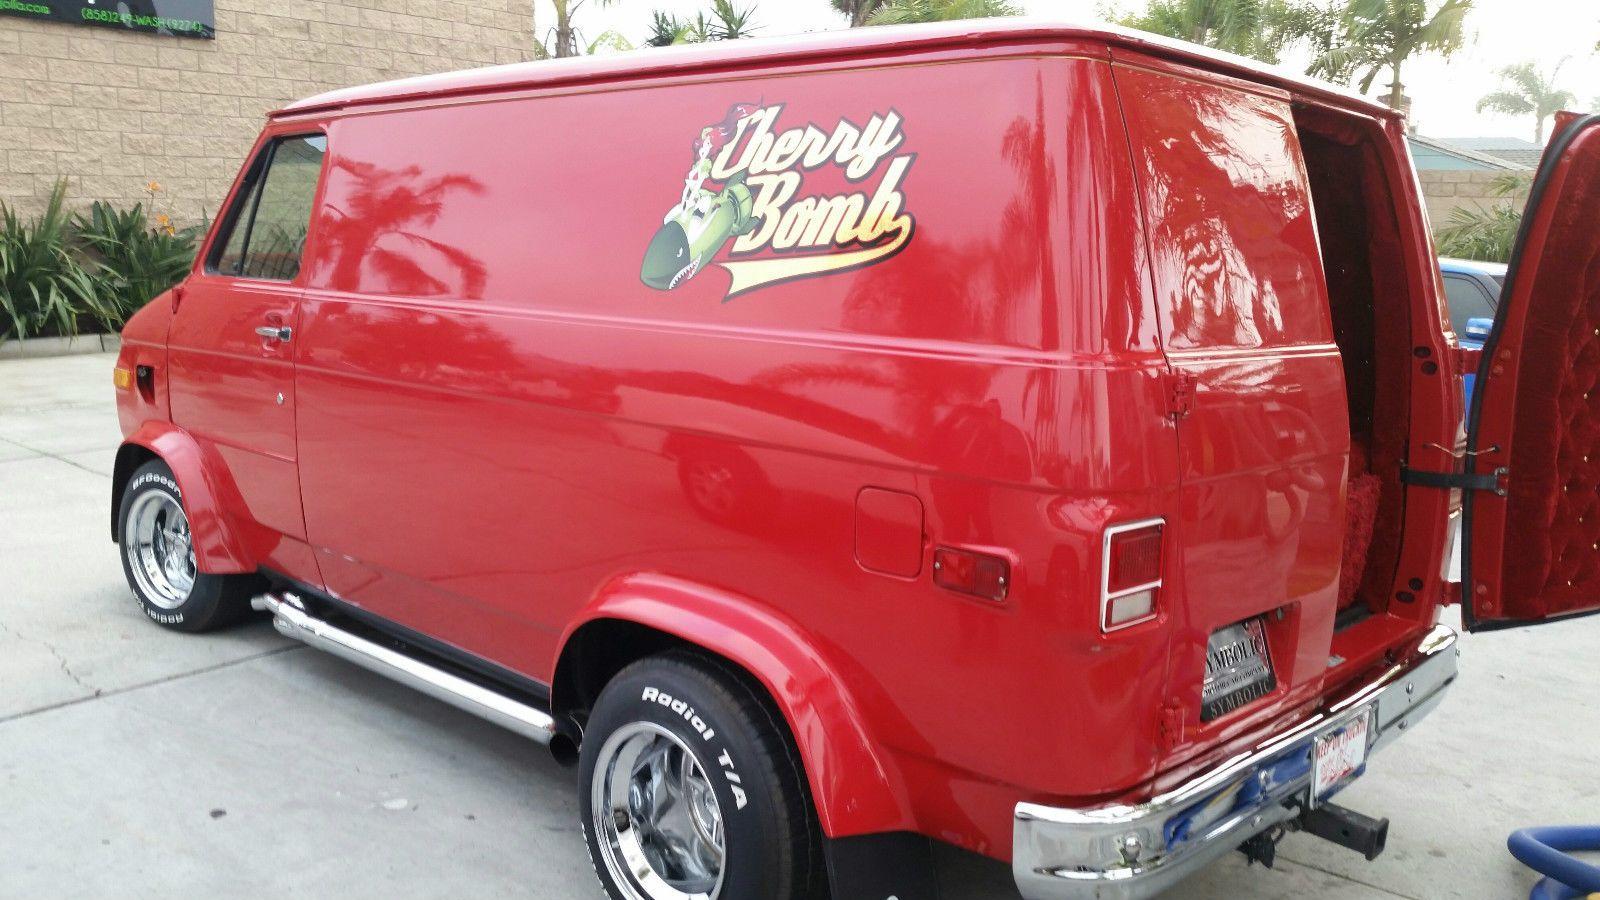 Chevrolet G20 Van Cargo Van With Images Cool Vans Vans